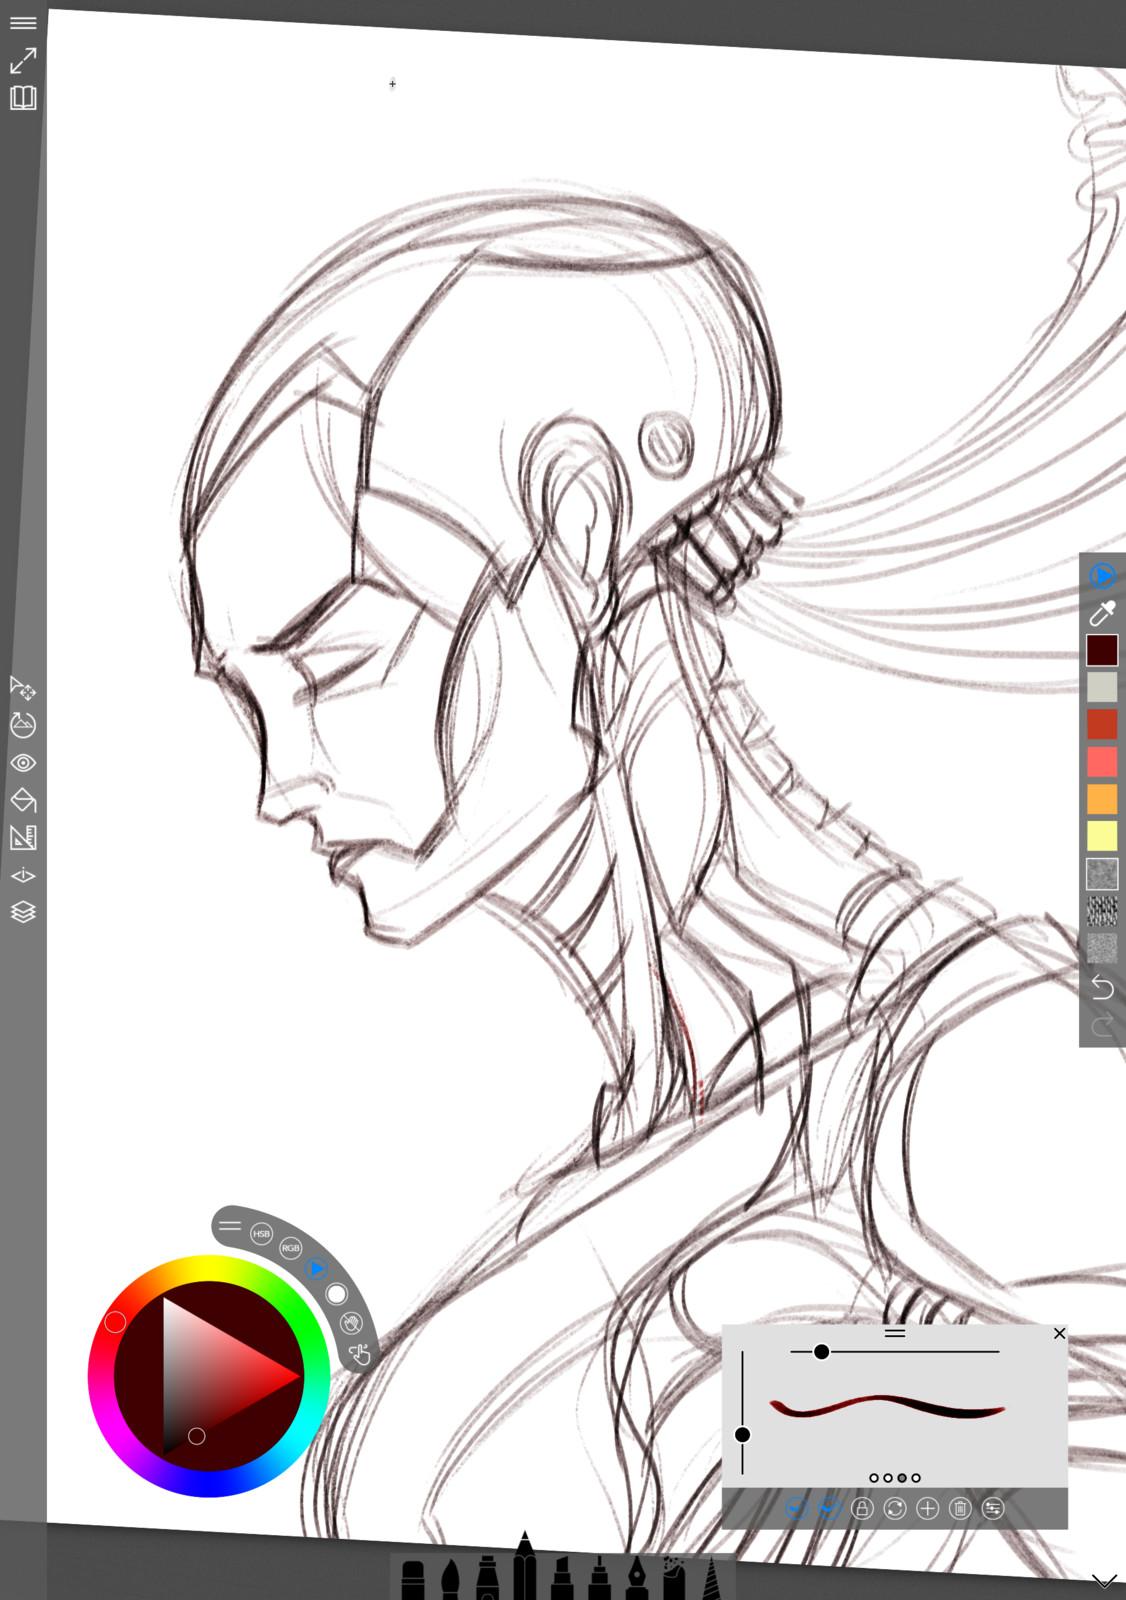 01 - Pencil concept rough sketch